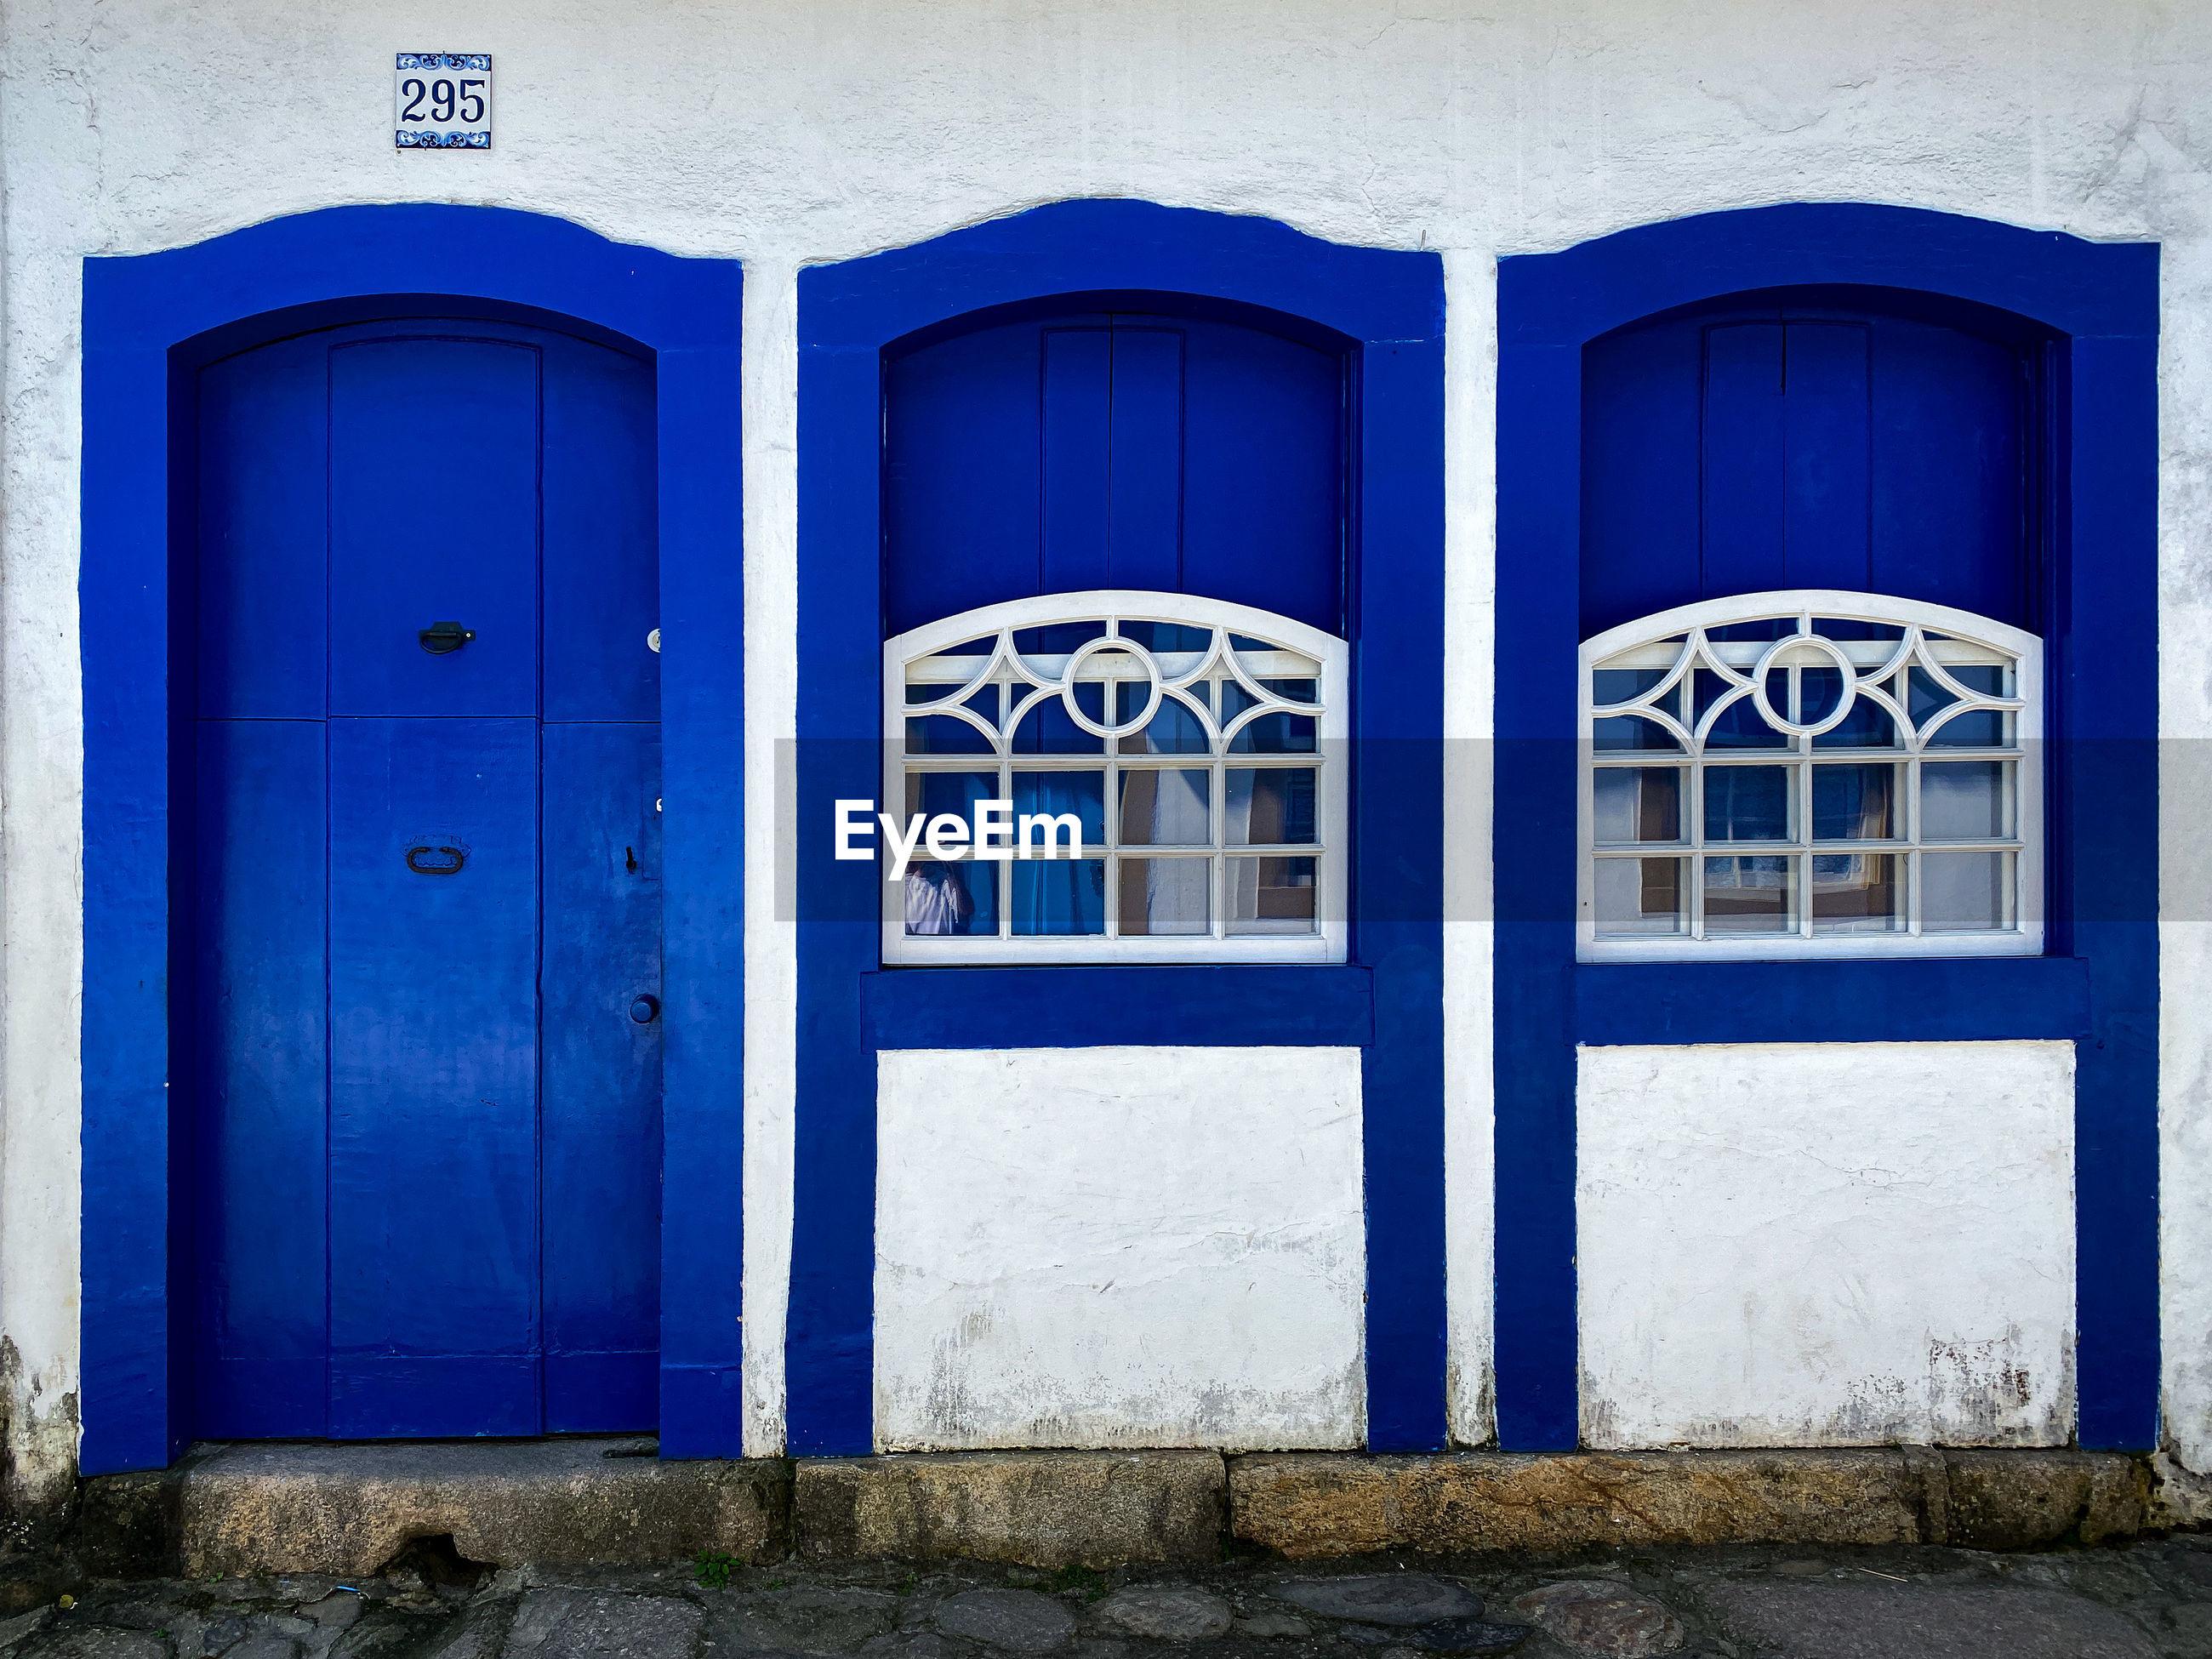 BLUE DOOR OF BUILDING